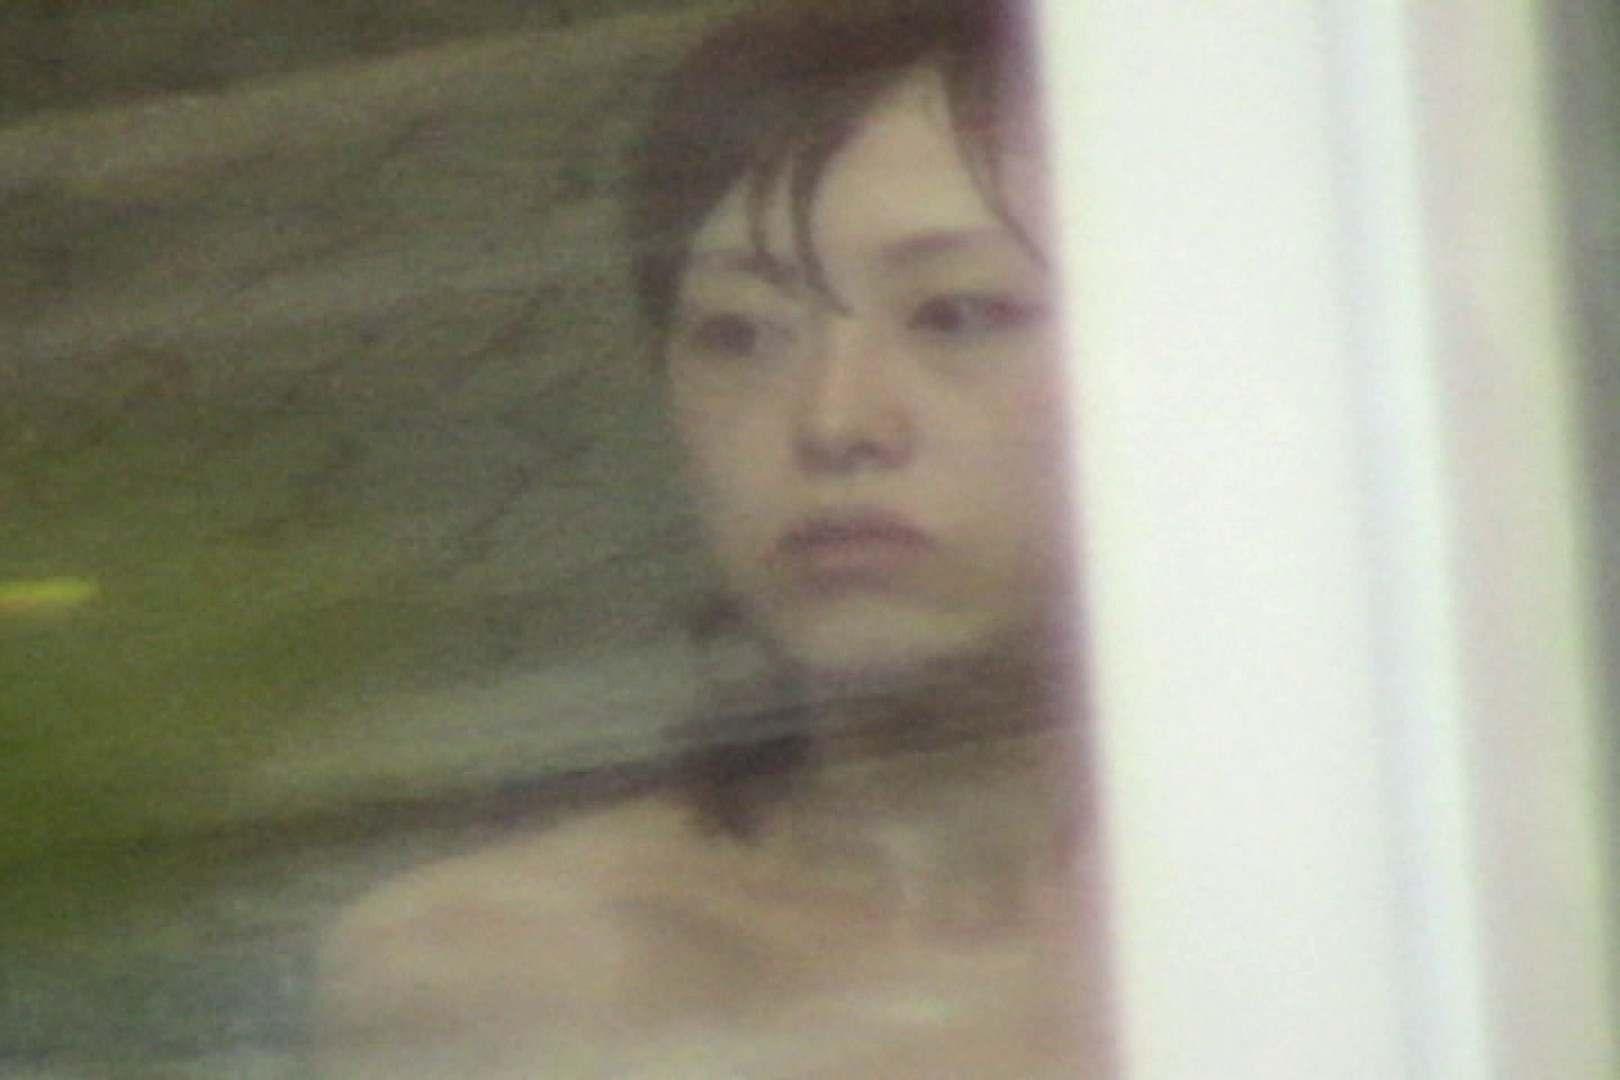 Aquaな露天風呂Vol.711 OLエロ画像 | 露天  81PICs 70